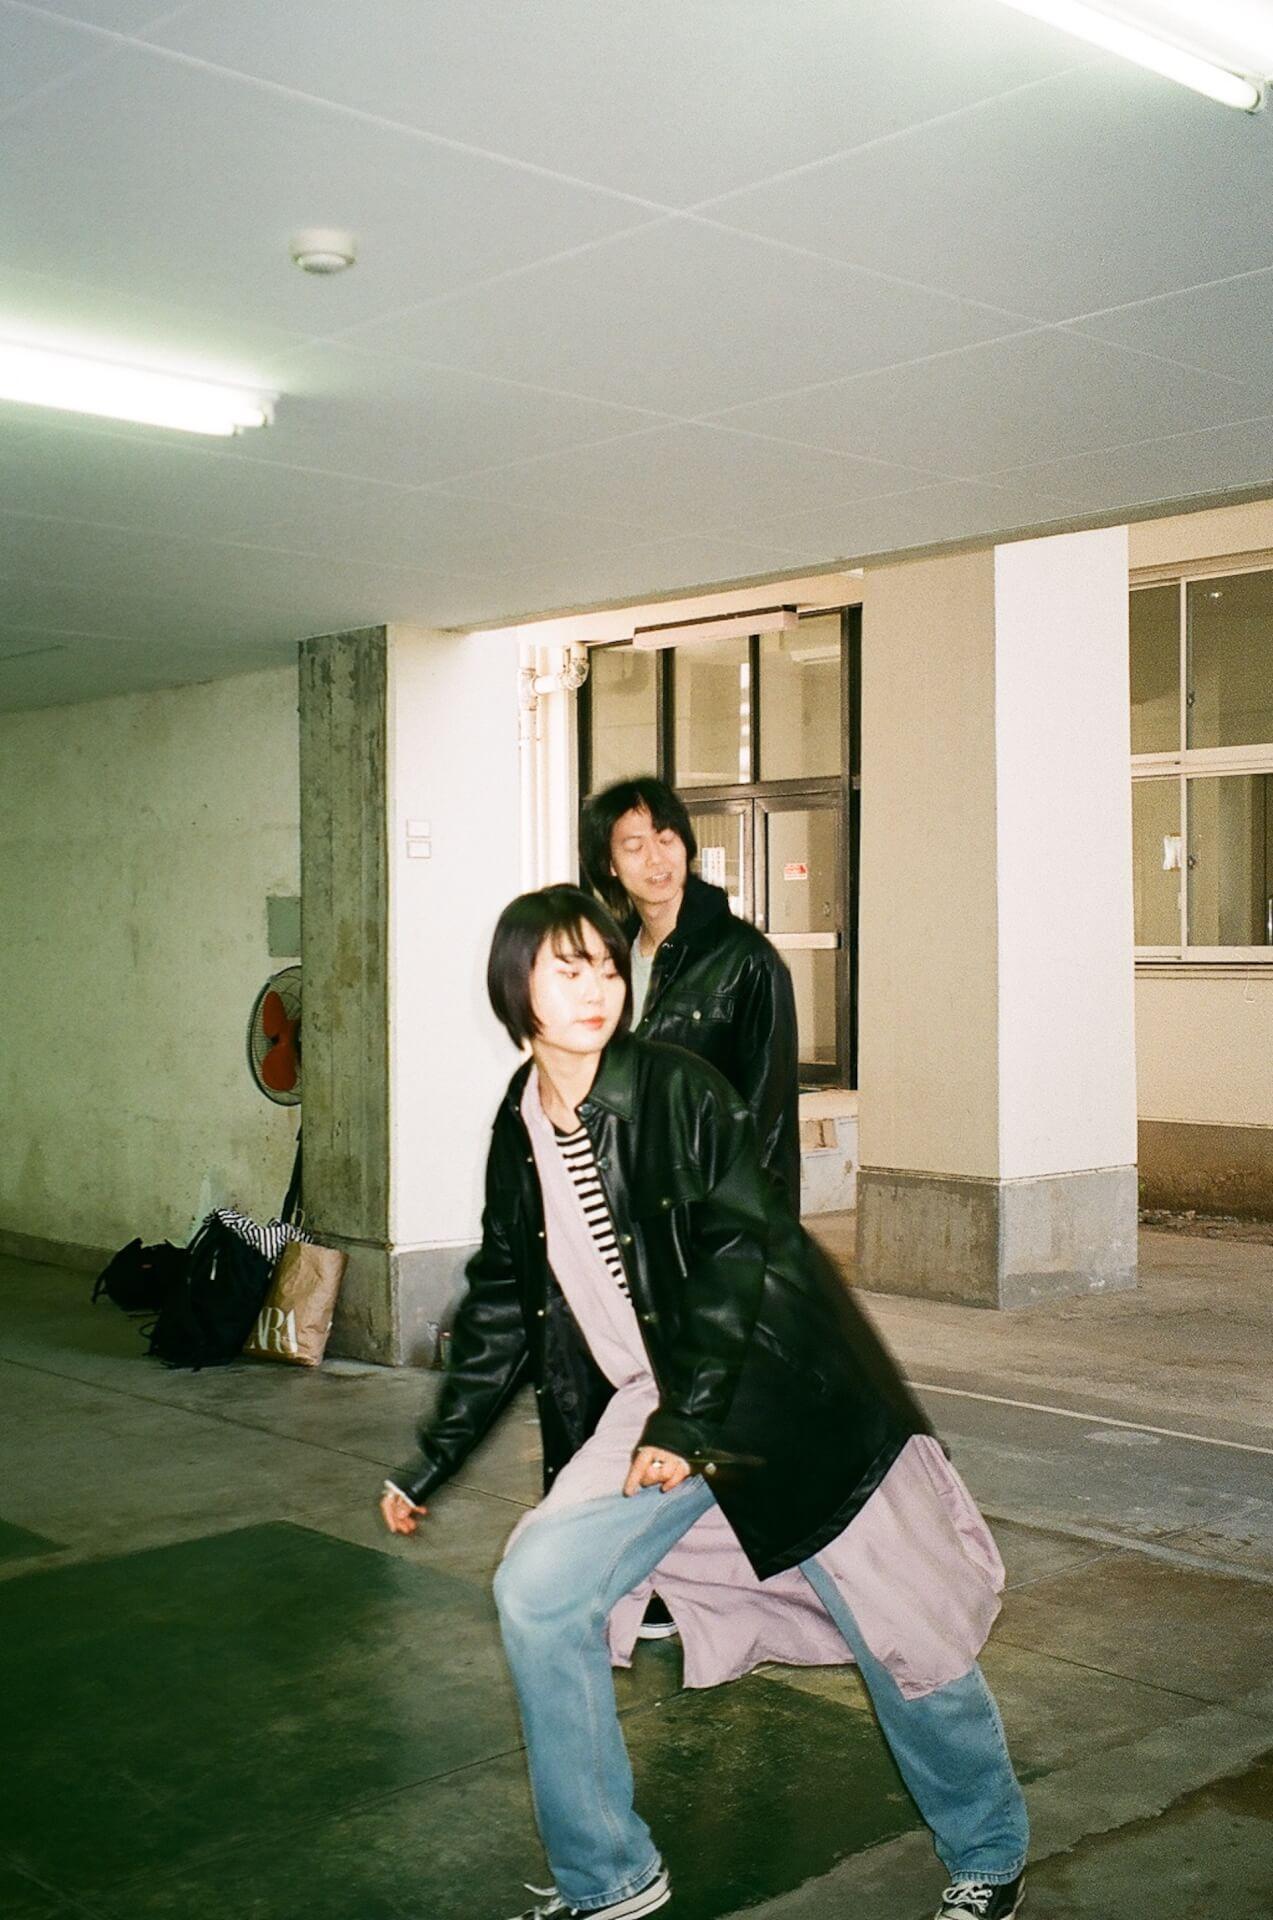 はなむけしゃしん - Ye&Nana「落花流水」 art200325_hanamukeshashin_5